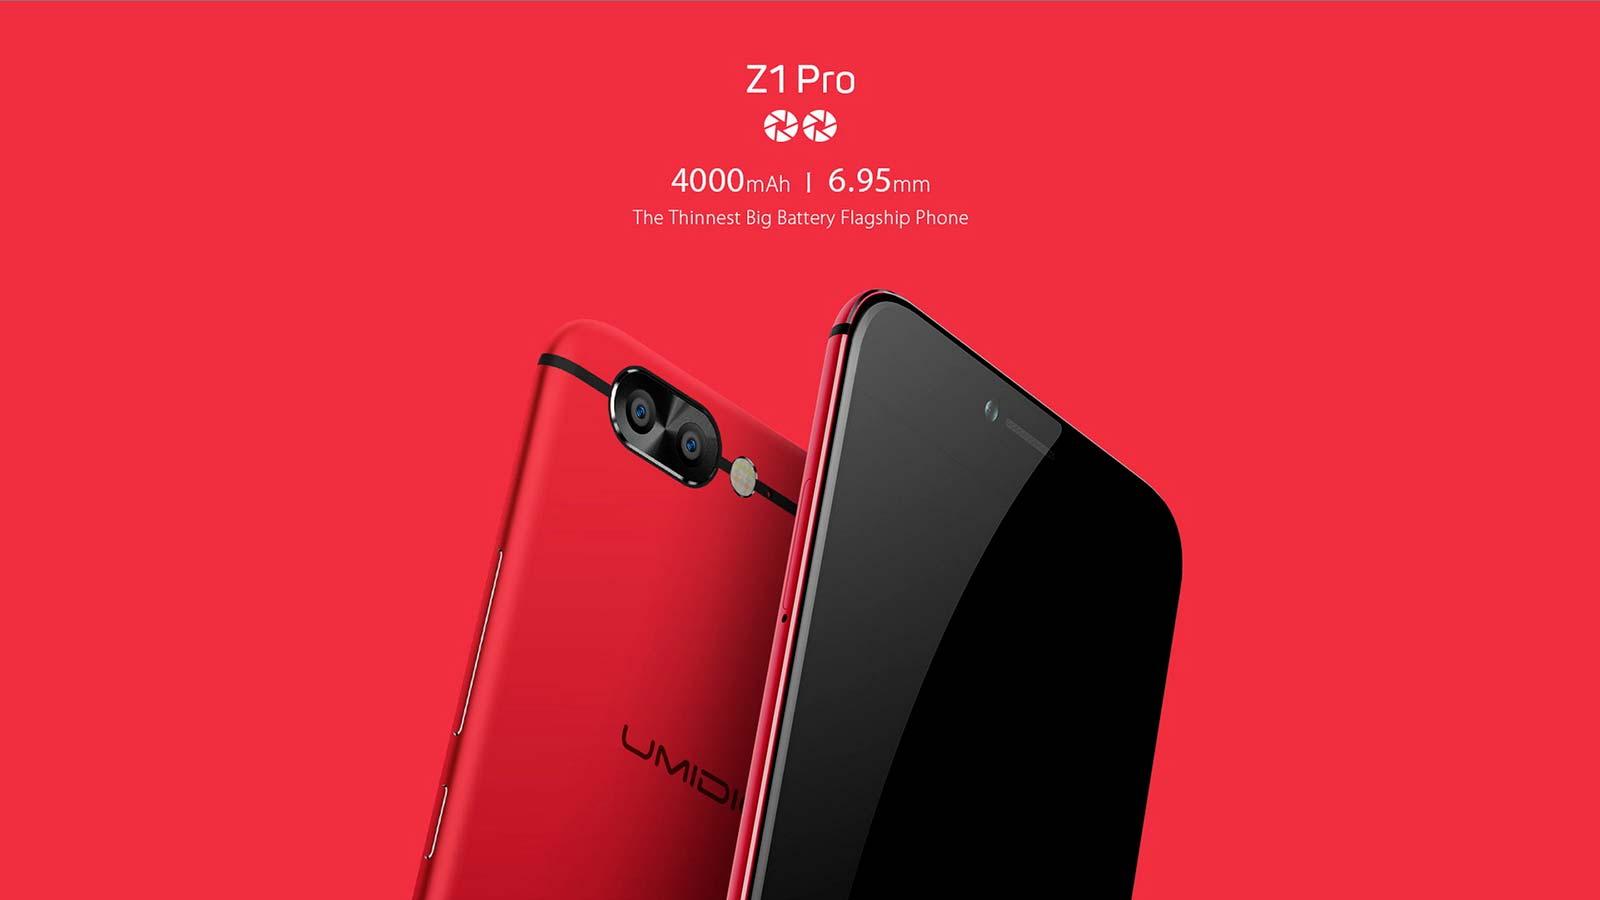 Флагманские смартфоны UMIDIGI Z1 и Z1 Pro: цена $229 и $299